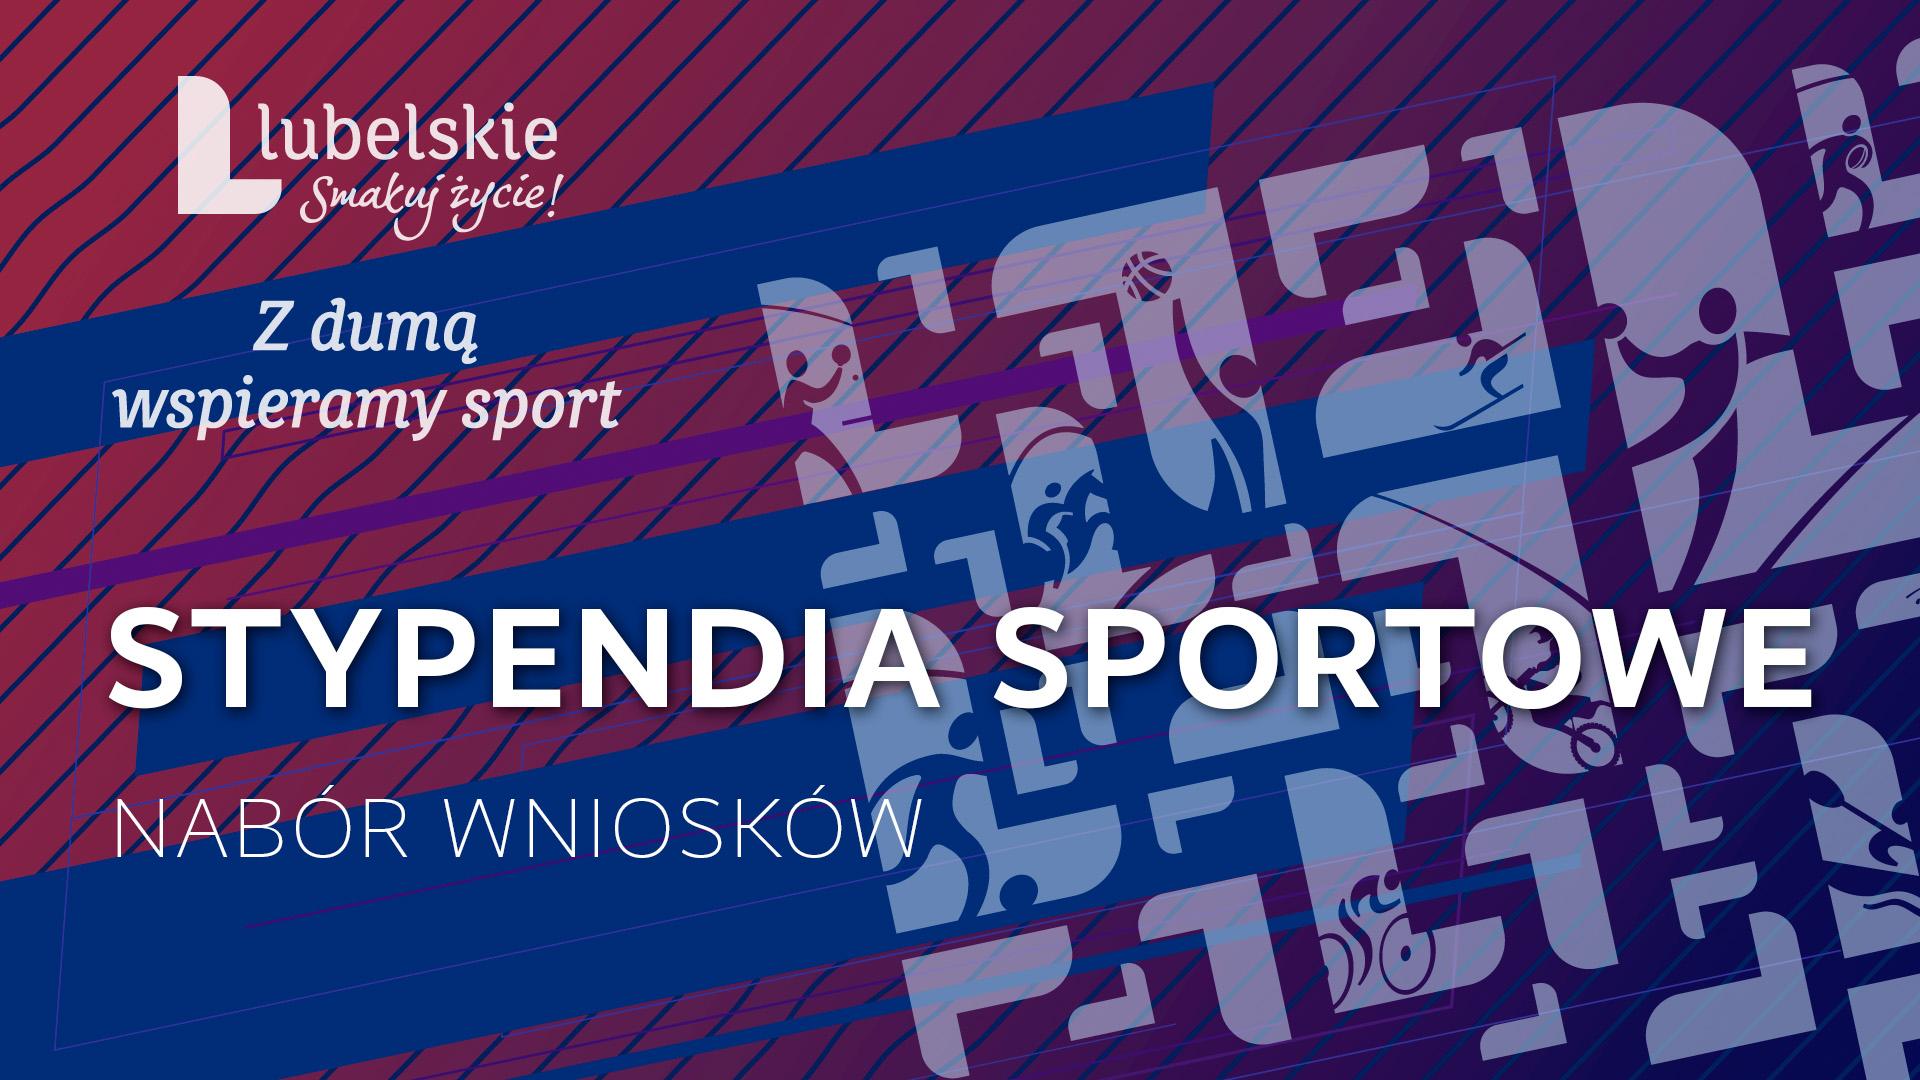 Stypendia sportowe województwa lubelskiego. Nabór rozpoczęty - Zdjęcie główne